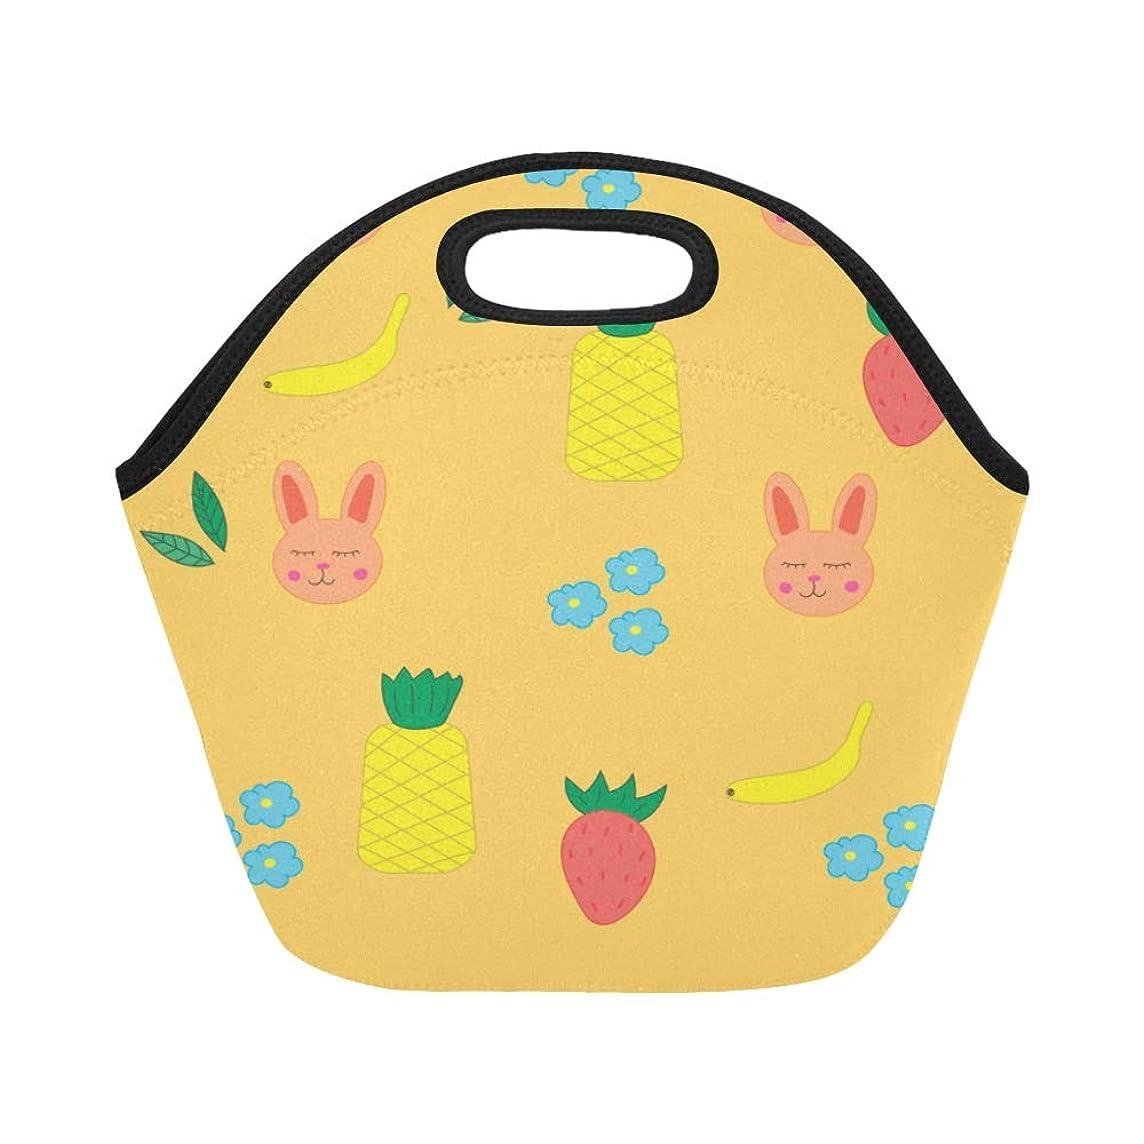 満足させるイサカイーウェルCWSGH ランチバッグ 黄色い すばしこいうさぎや美しい花 弁当袋 お弁当入れ 保温保冷 トート 弁当バッグ 大容量 トートバッグ